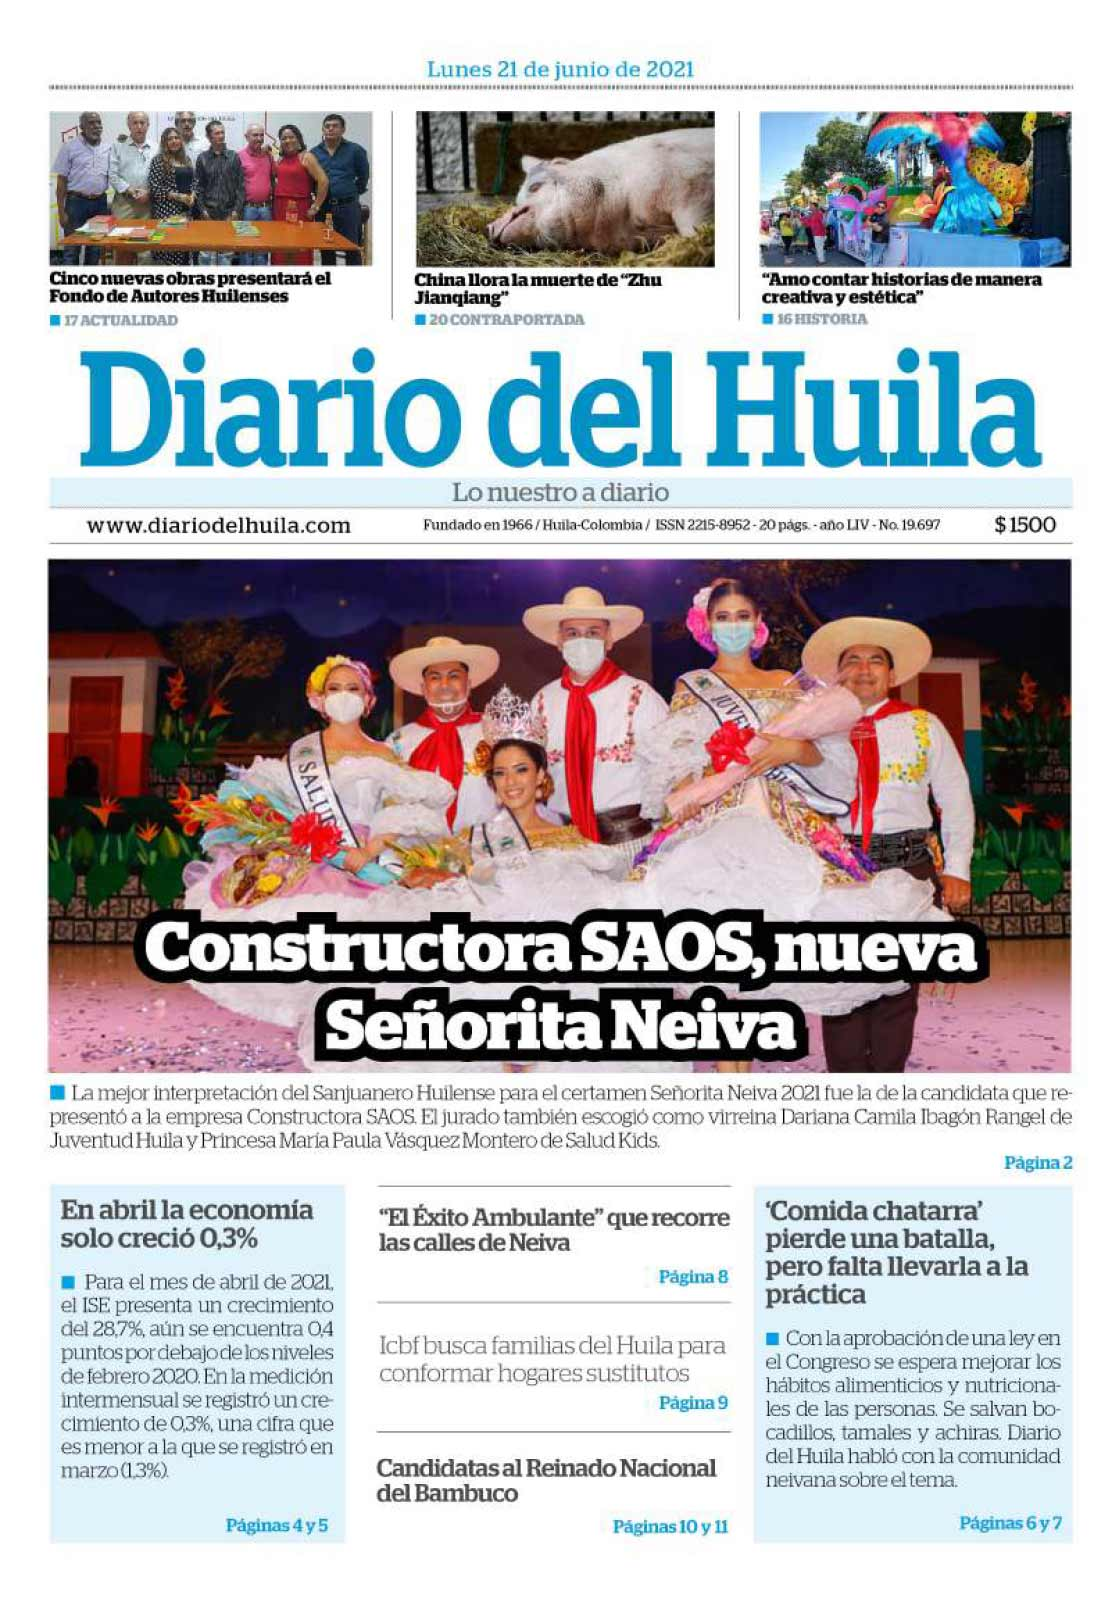 Diario del Huila 21 de junio de 2021